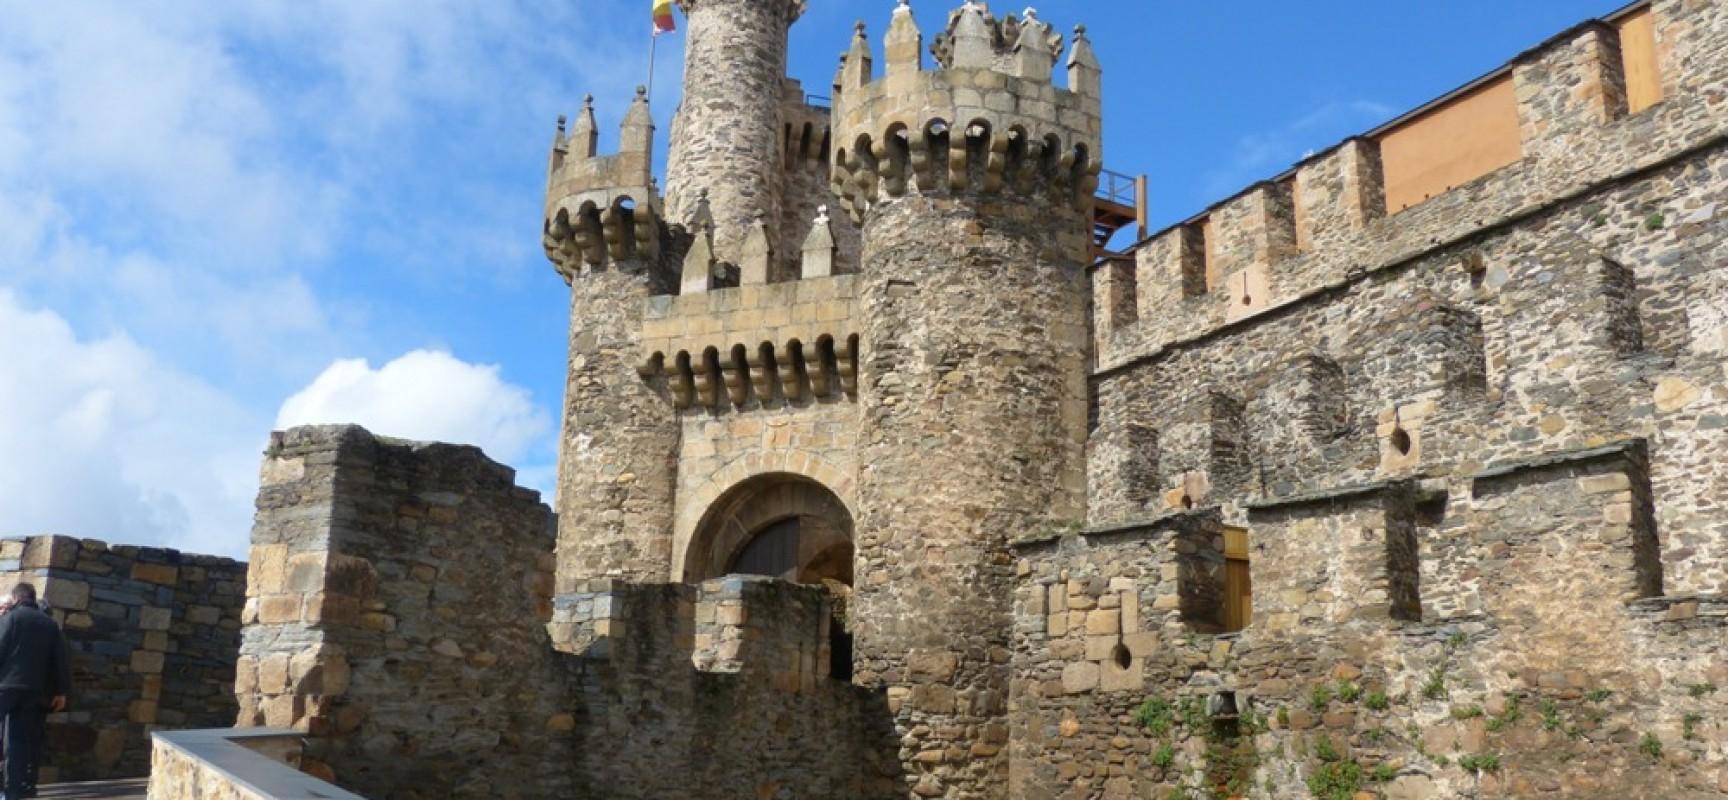 escapadas gastronómicas por Castilla y León - Castillo de los Templarios de Ponferrada